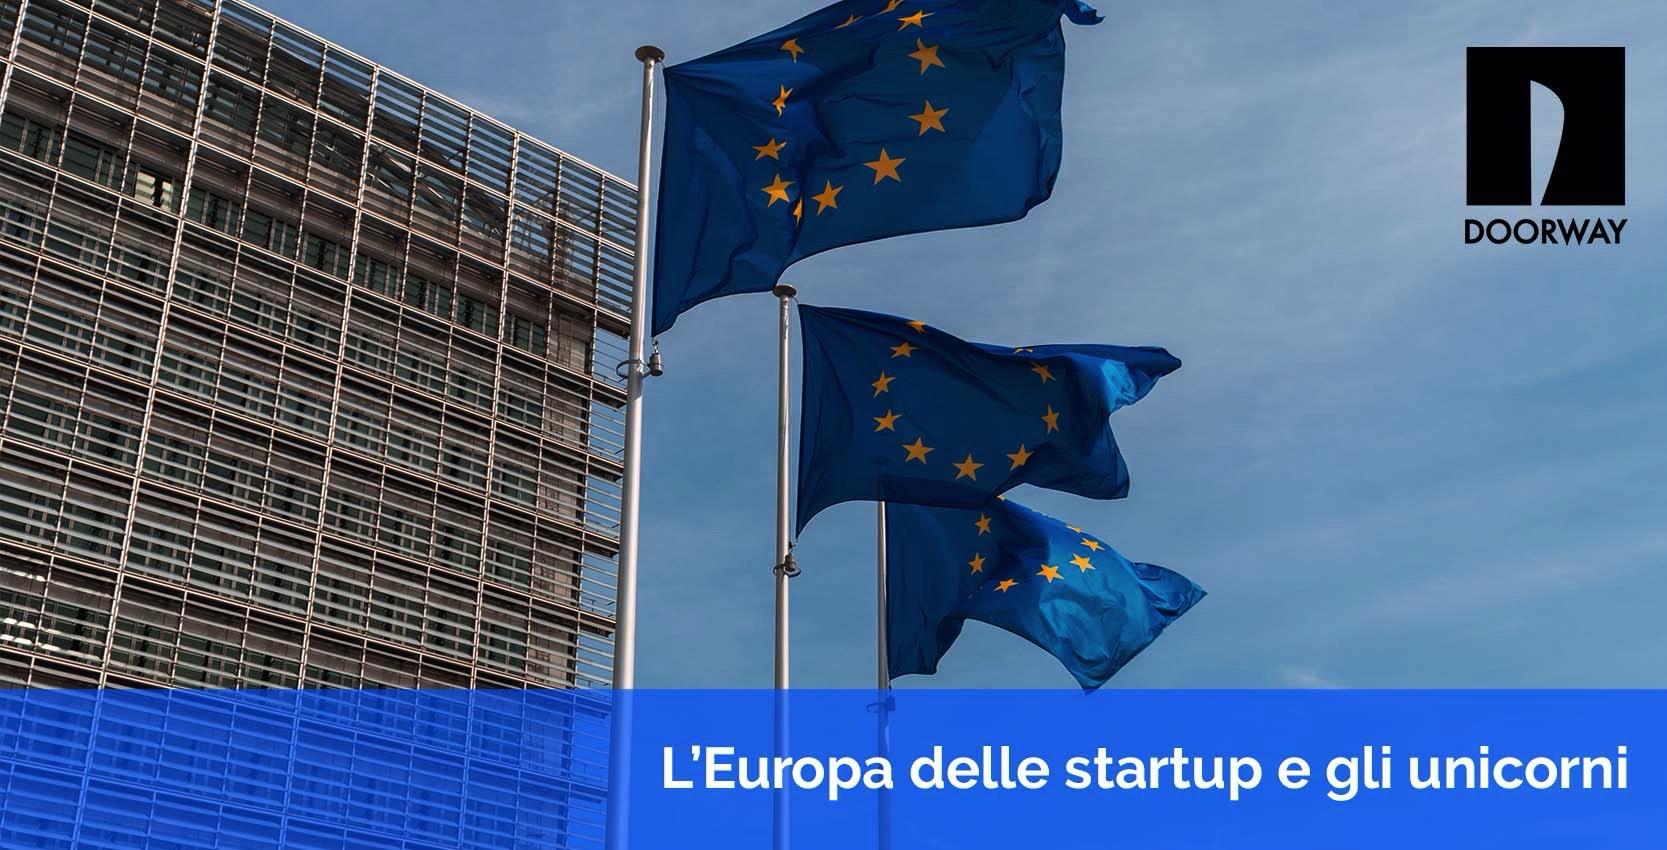 L'Europa delle startup e gli unicorni